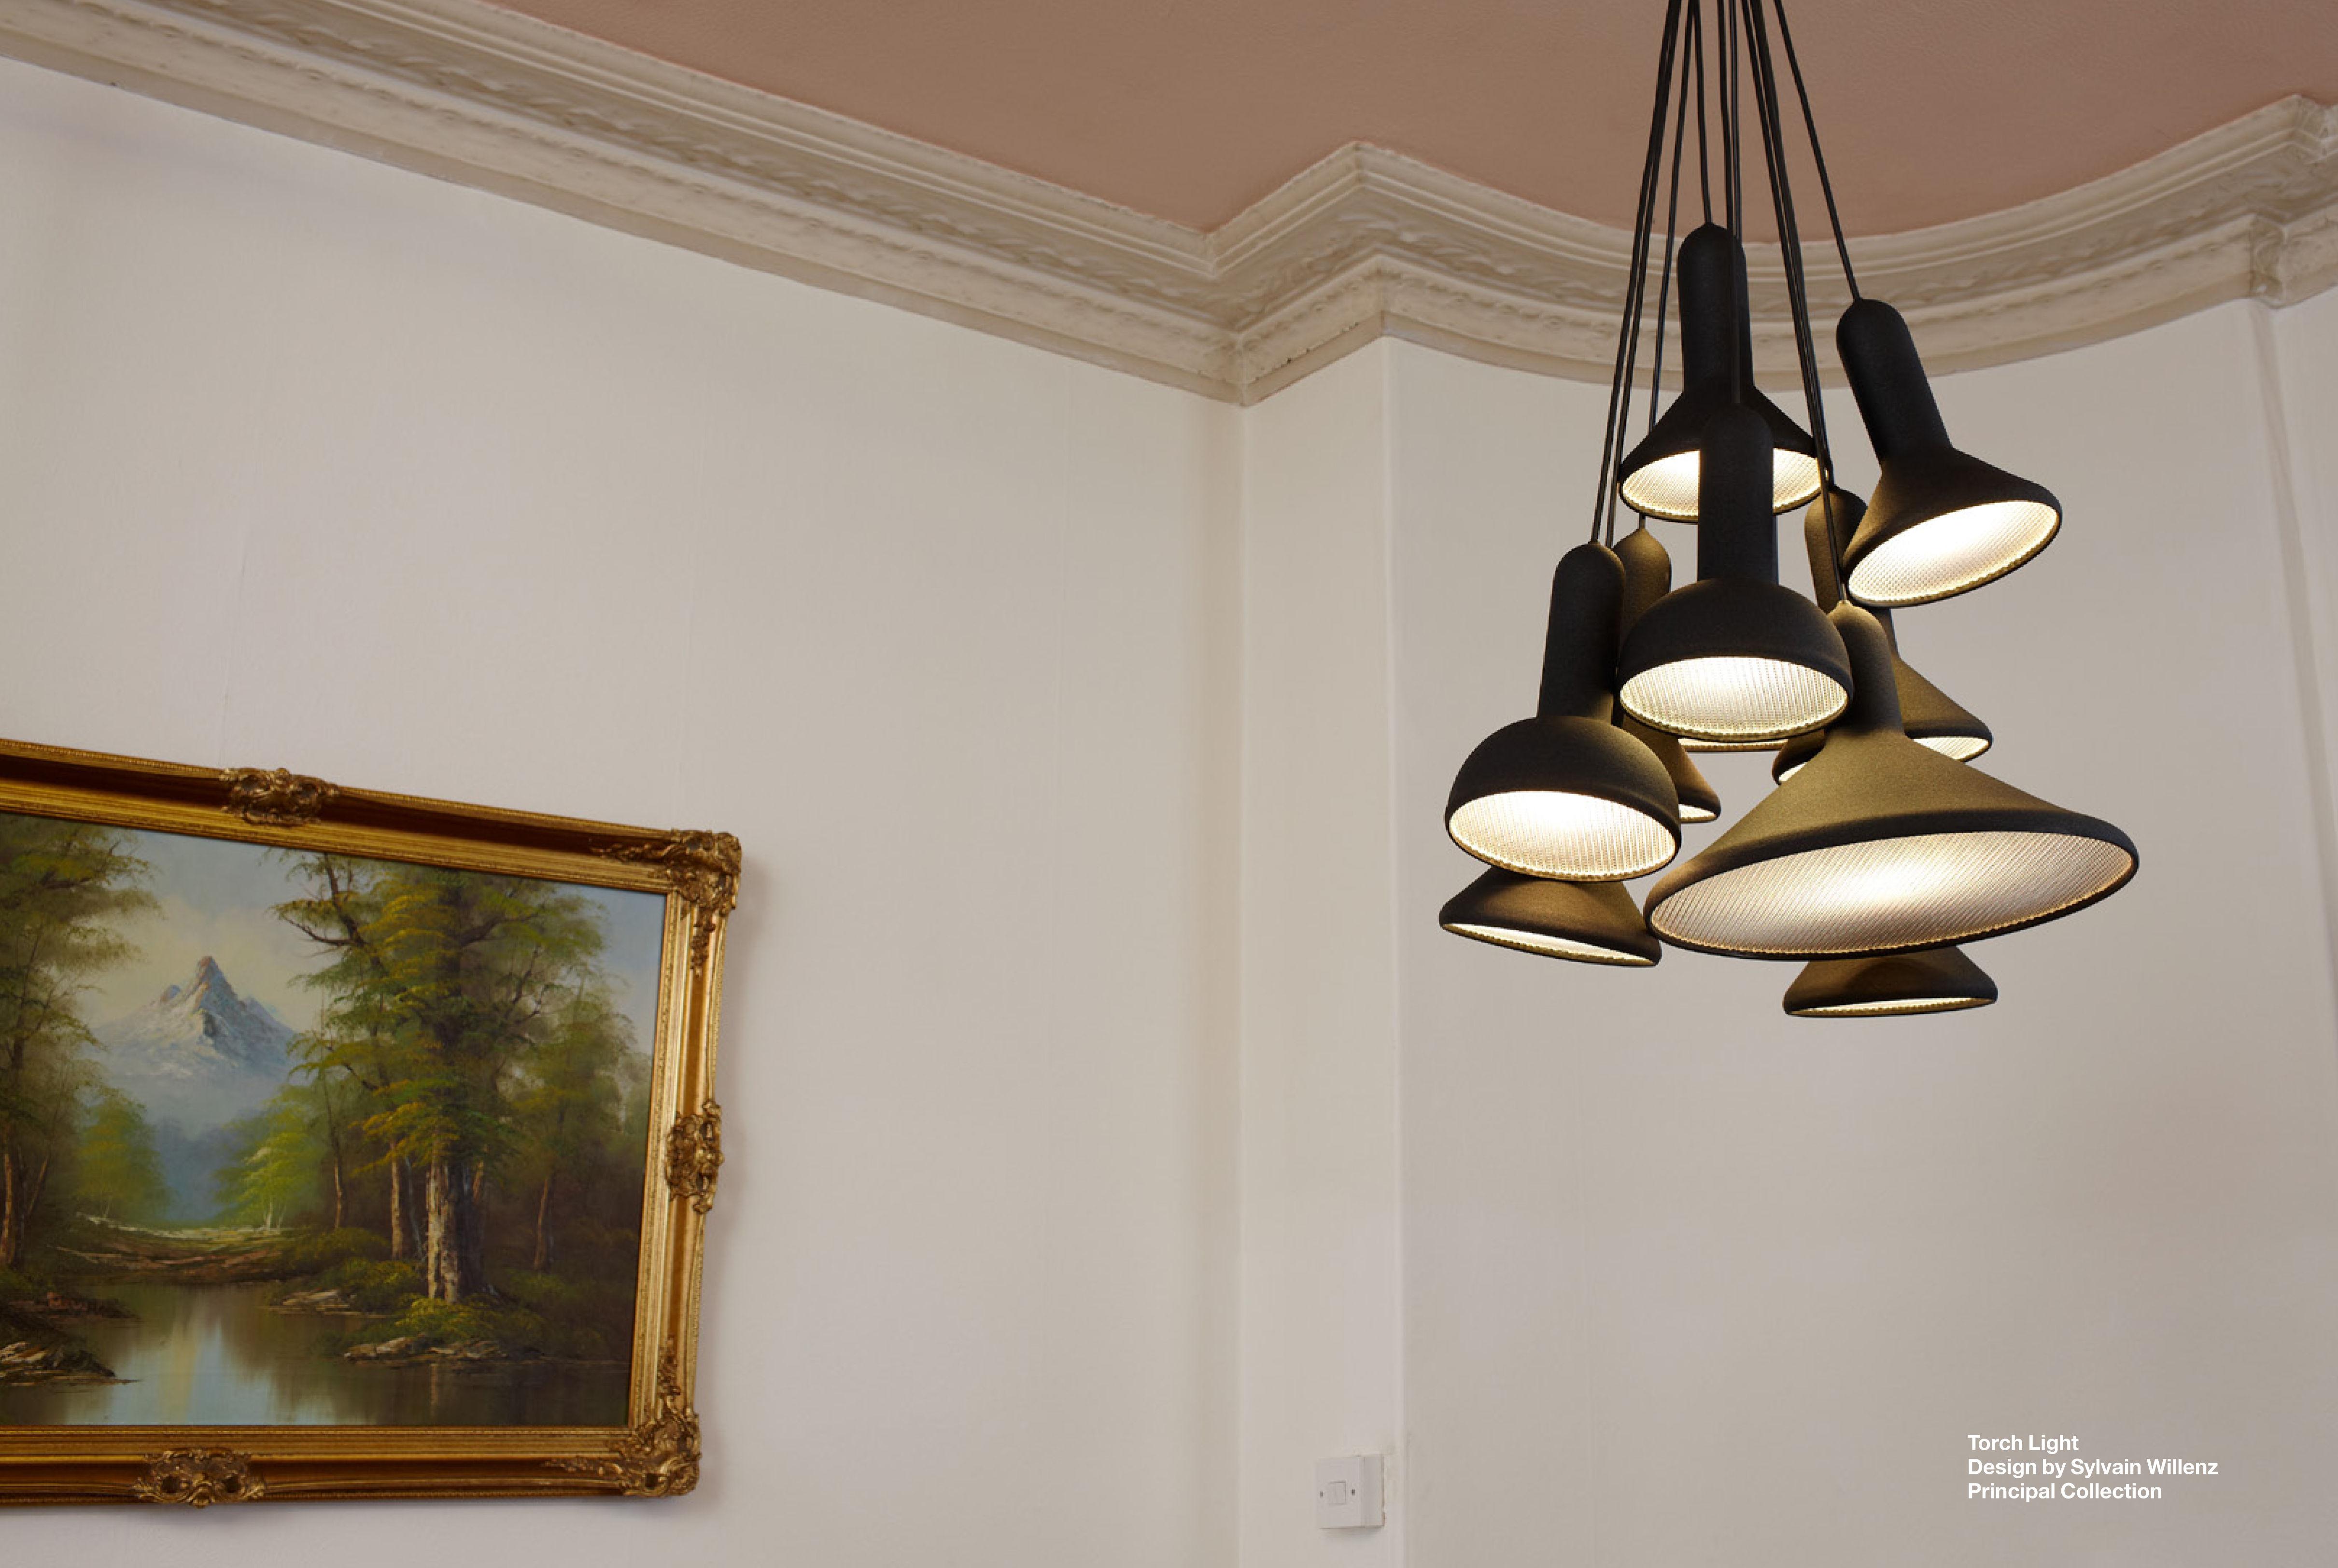 torch light set aus 10 h ngelampen established sons pendelleuchte. Black Bedroom Furniture Sets. Home Design Ideas